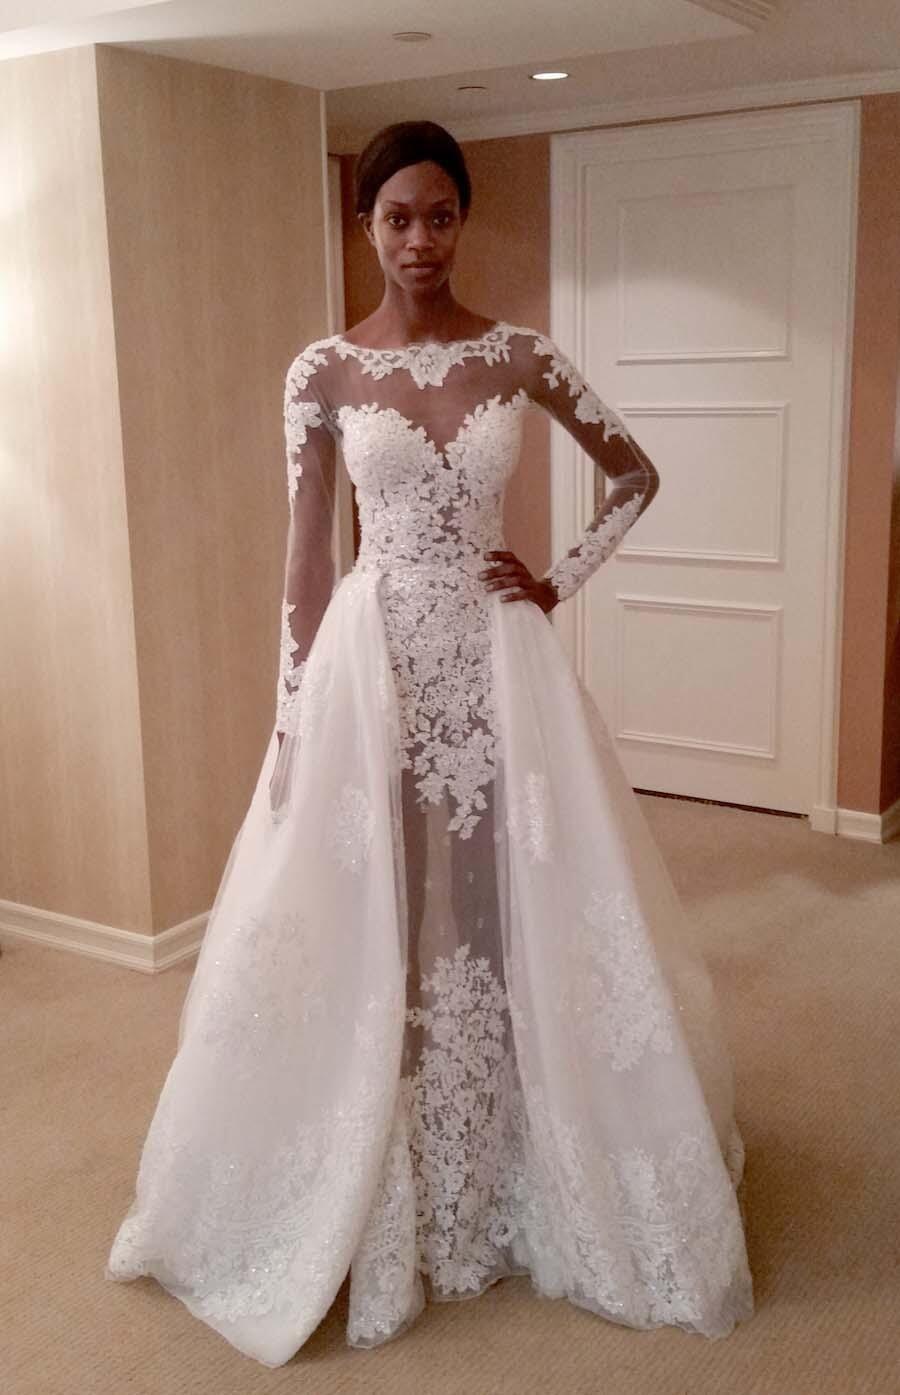 Großhandel Hochzeitsdekoration 18 Brautkleider Zum Verkauf Brautkleid Mit  Abnehmbaren Überrock Kleider Sammlung Pare Brautkleid Von Elegantdresses,